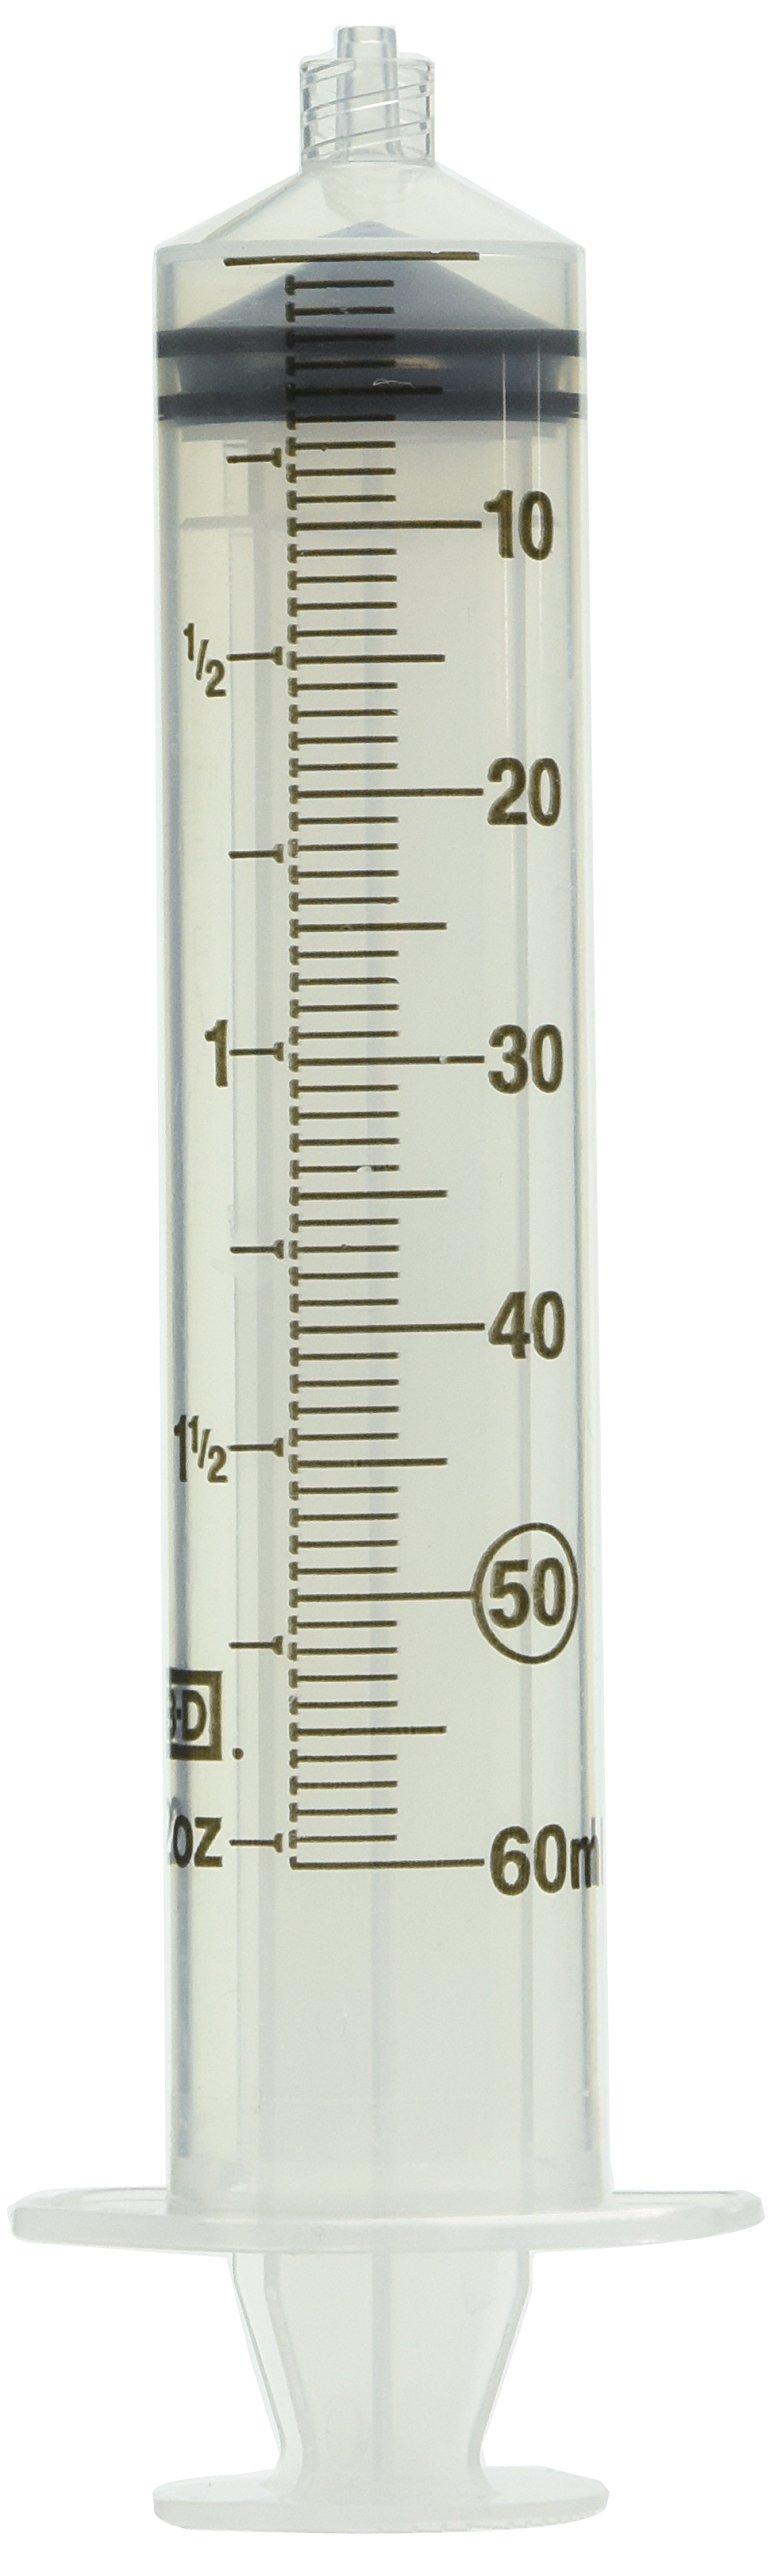 BD Syringe with Luer-Lok Tip, 40 Count